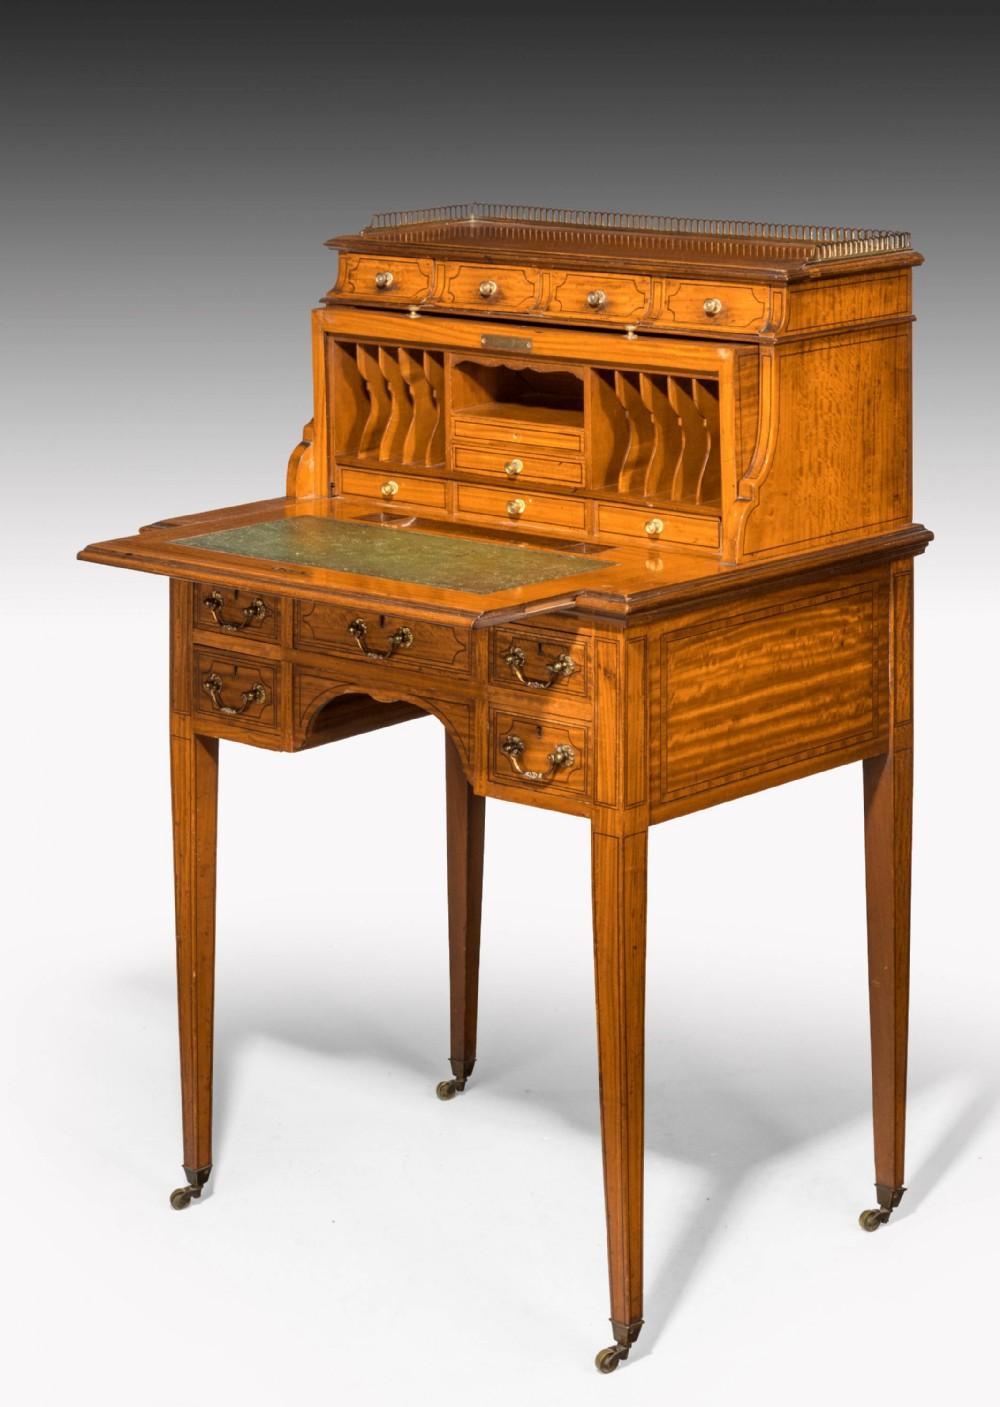 edwardian period satinwood and mahogany ladies cylinder bureau